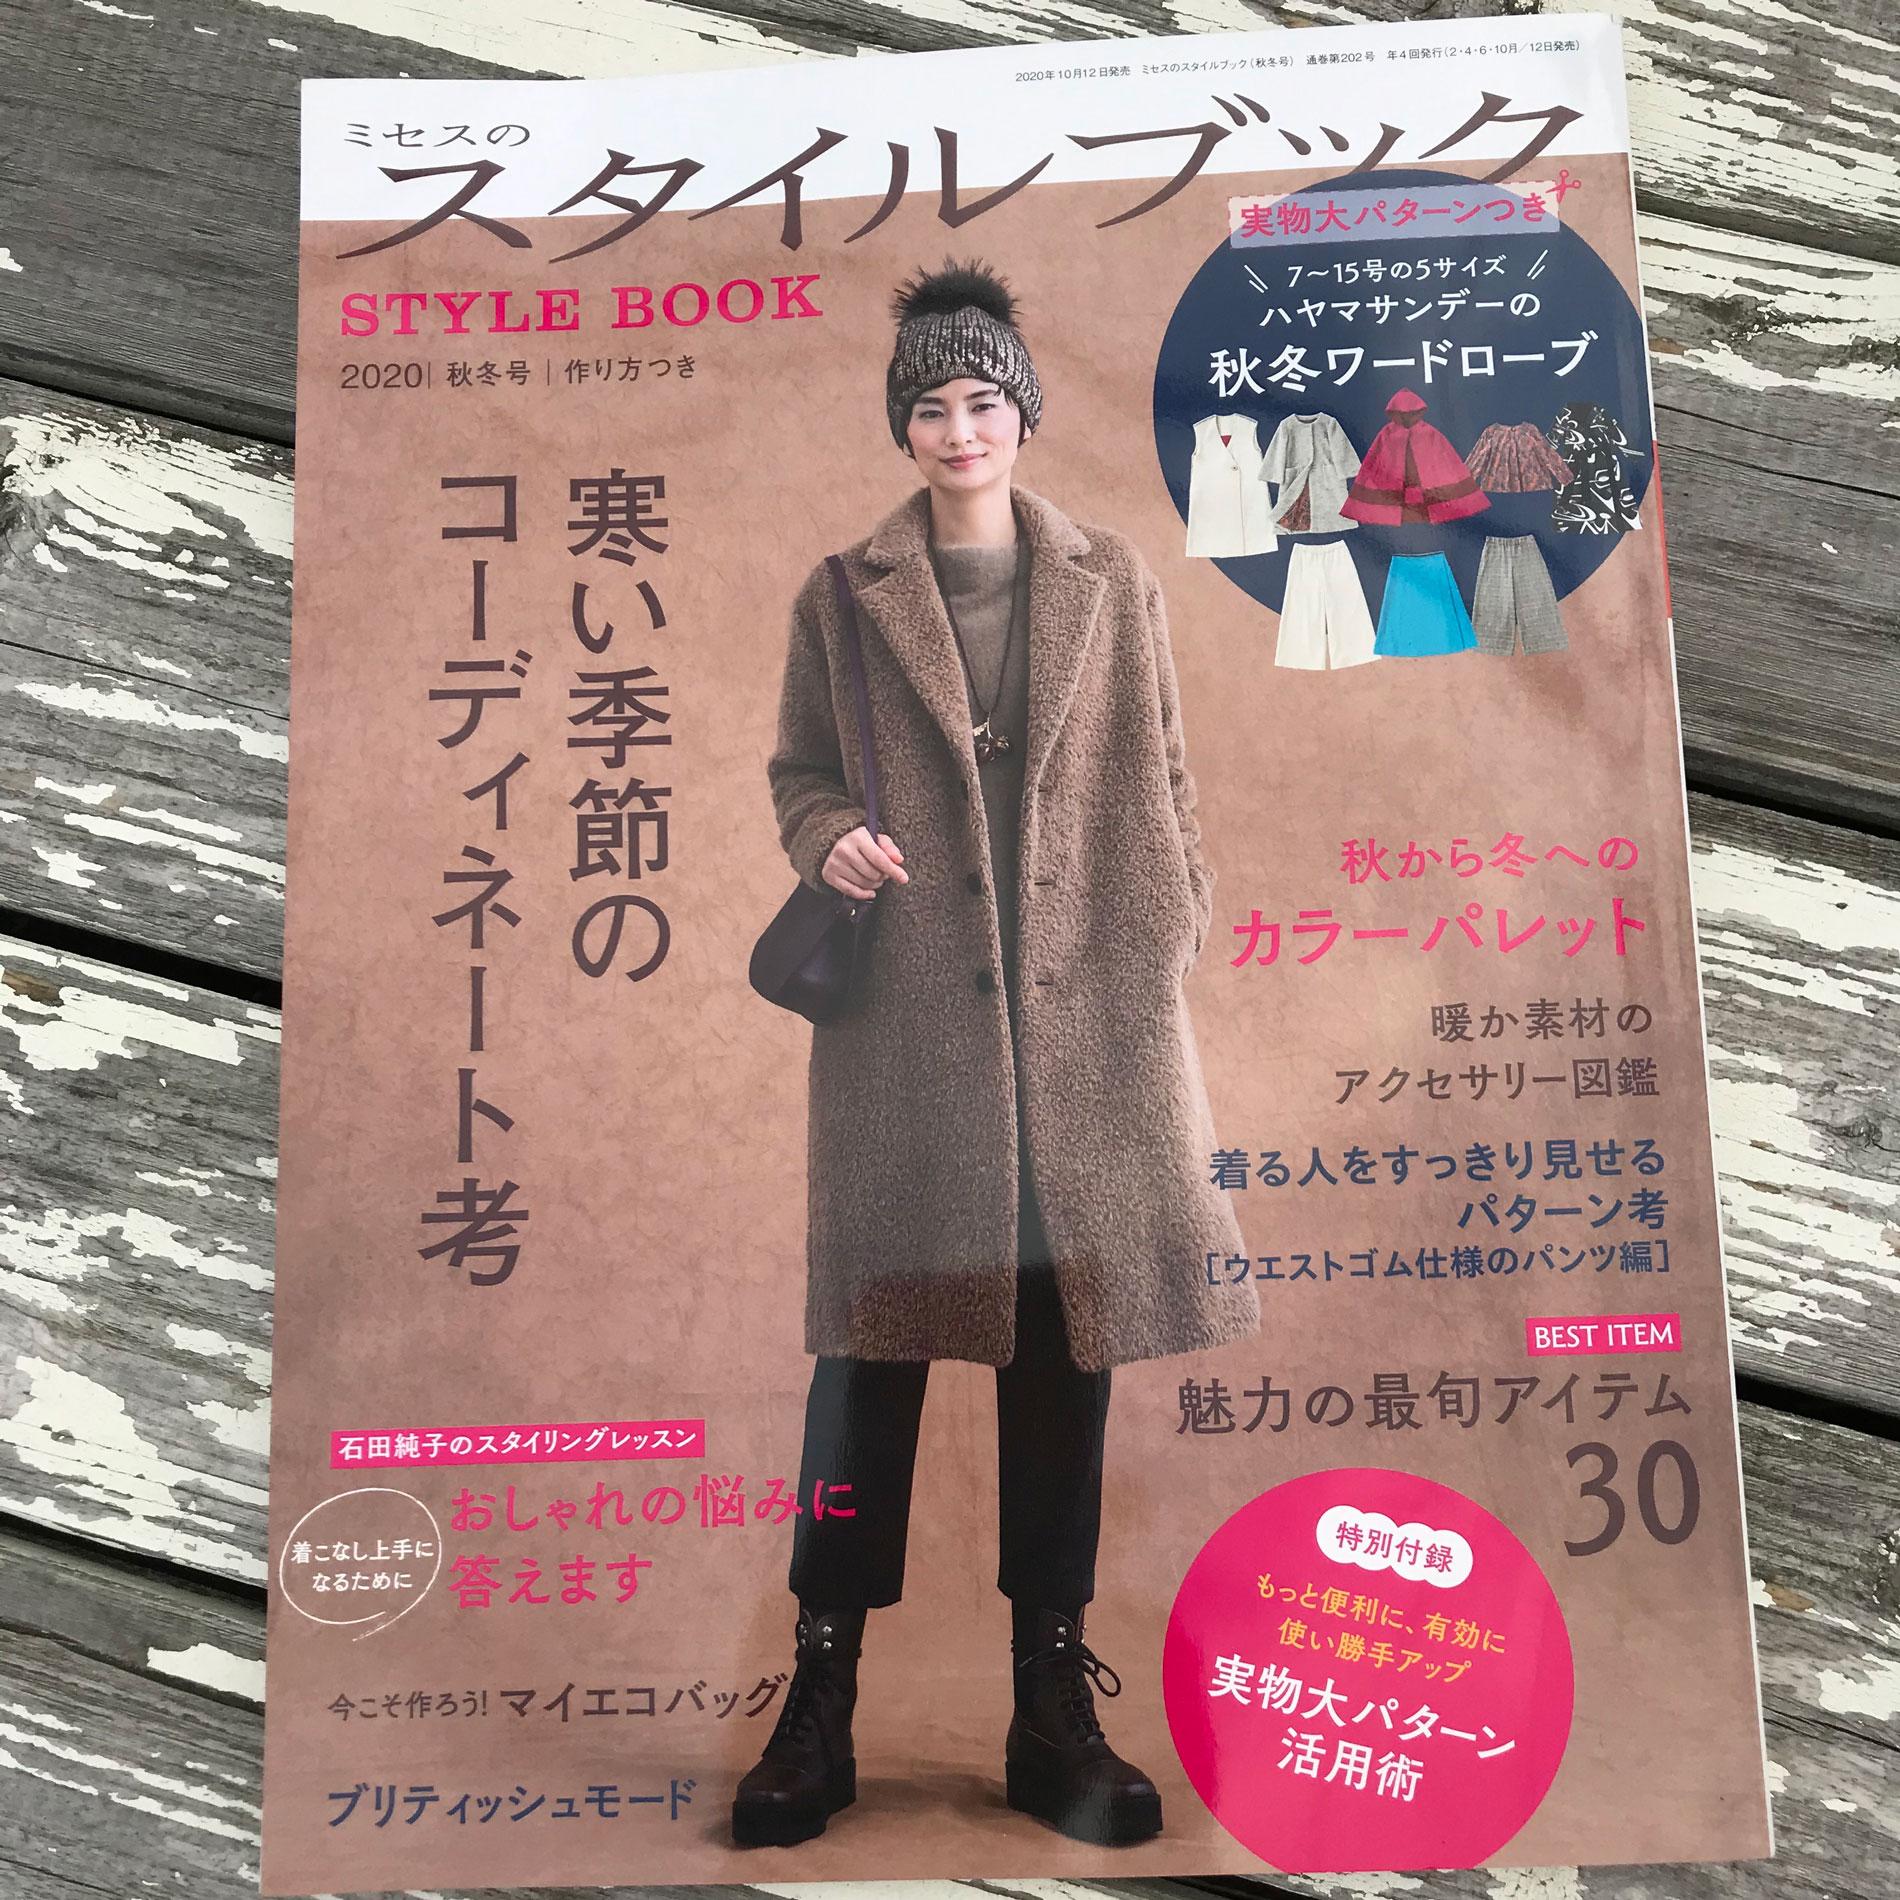 ミセスのスタイルブック 2020秋冬号